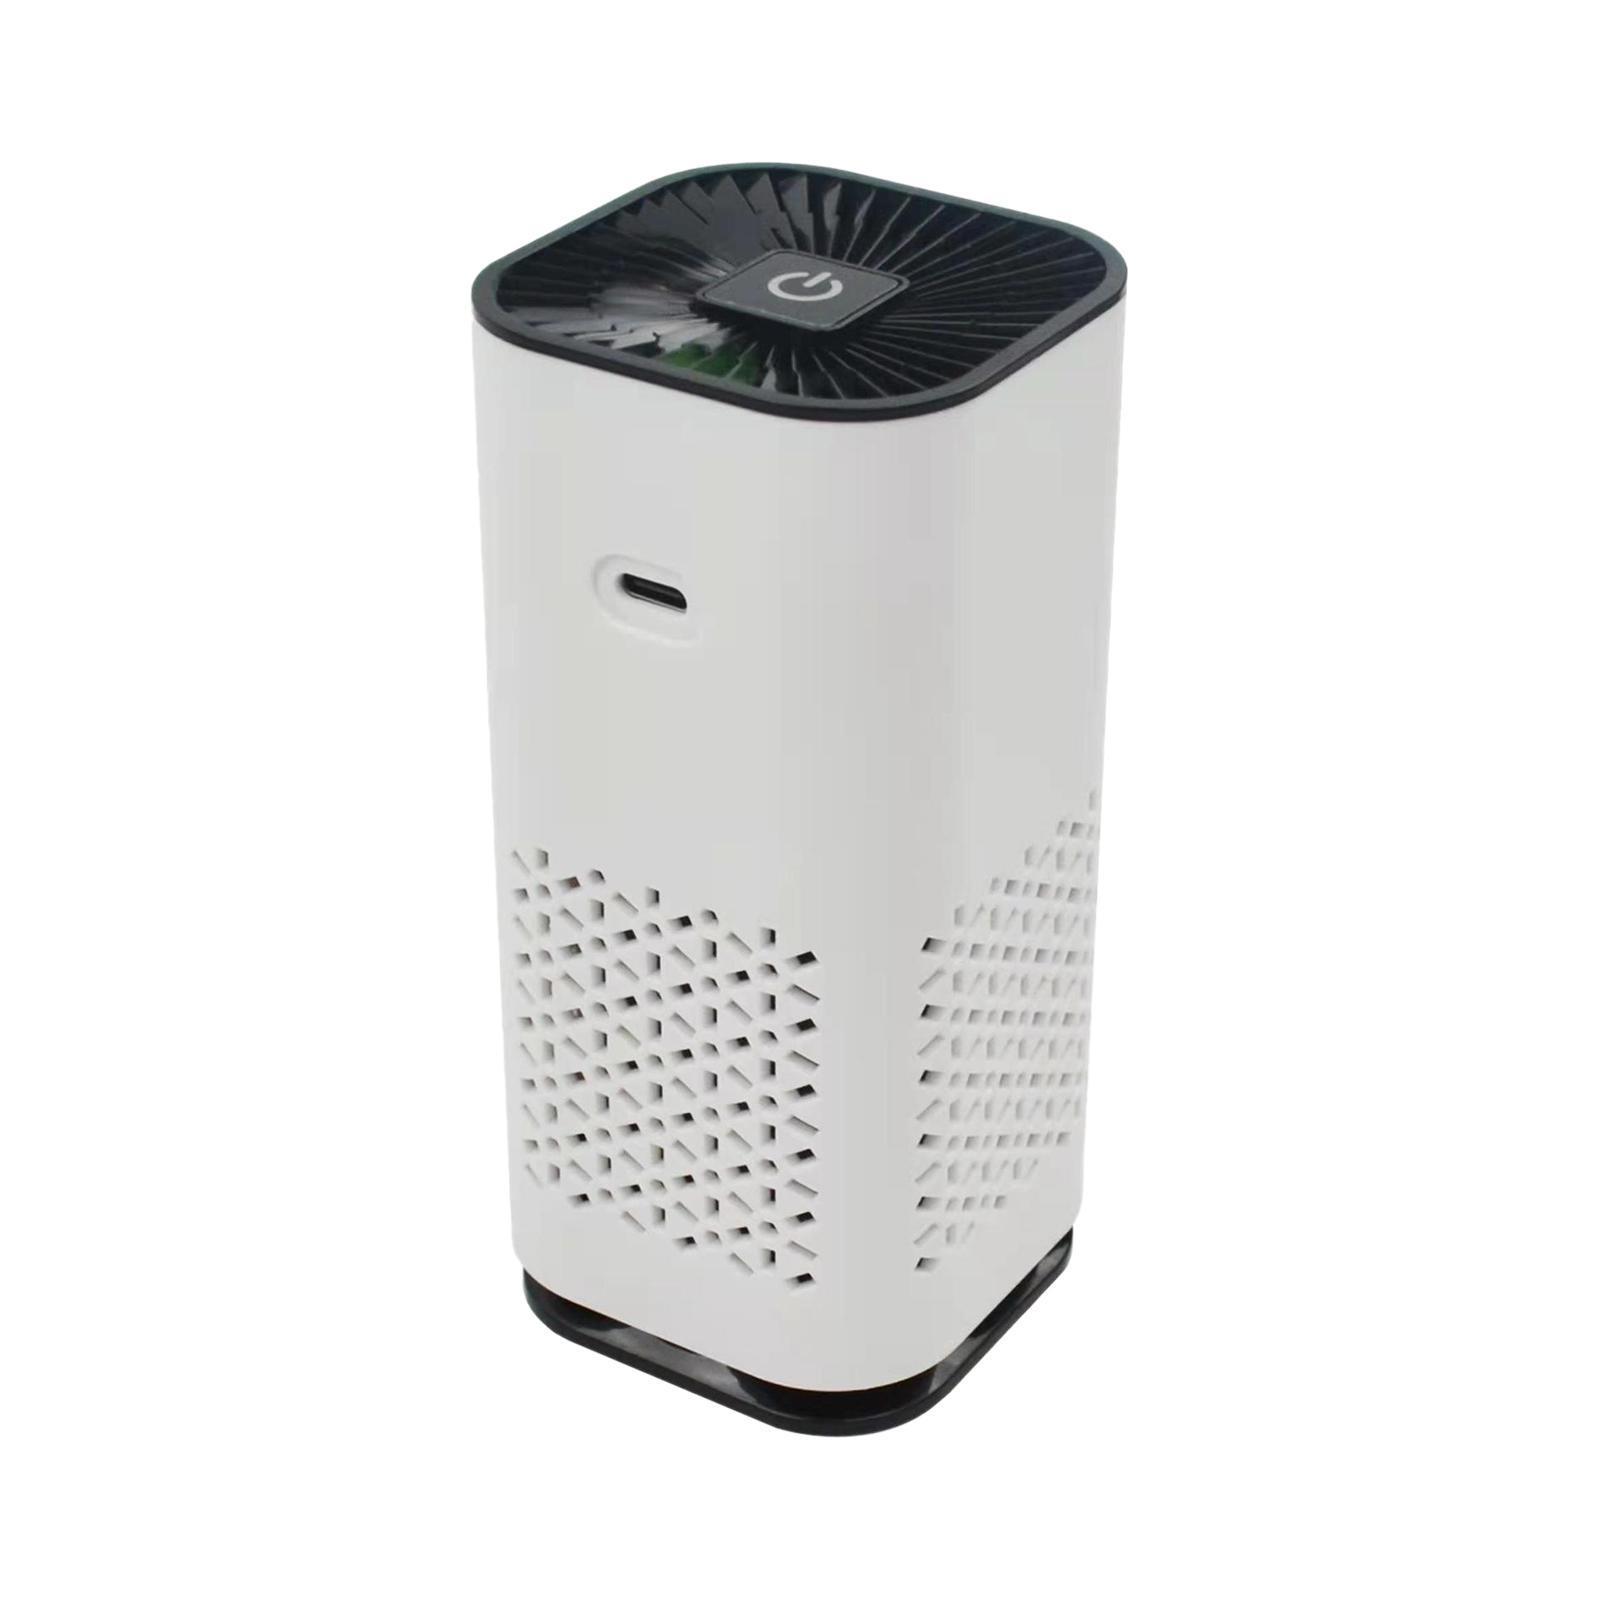 Indexbild 17 - Tragbare Mini Purifier für Hause Entfernen Rauch Pollen Luft Reiniger mit